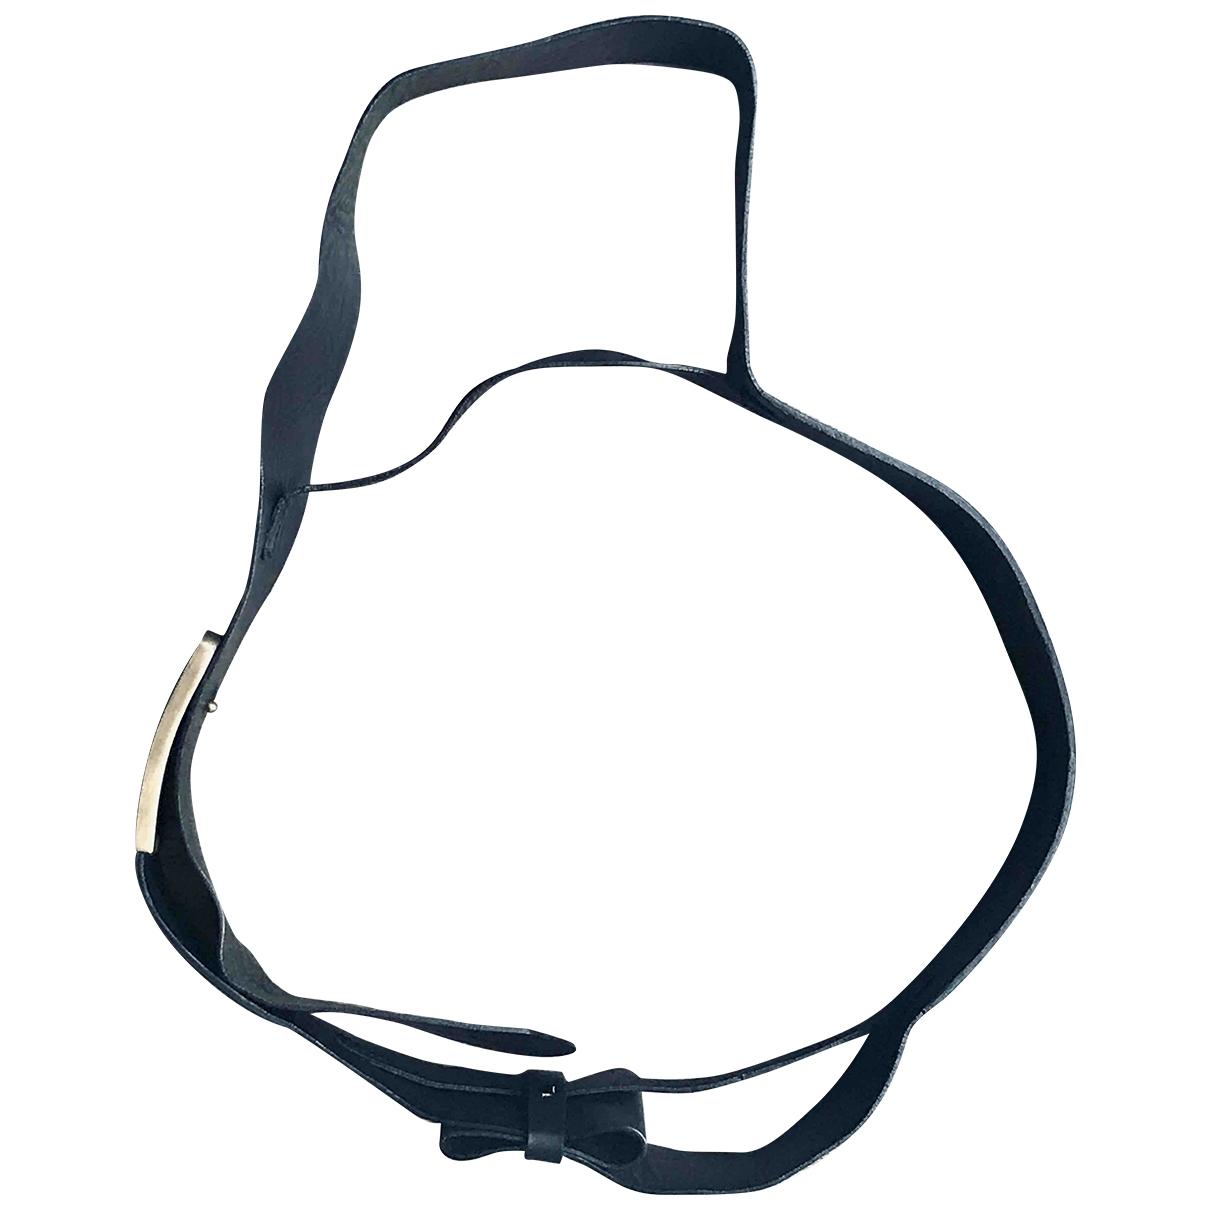 Maison Martin Margiela \N Black Leather belt for Women M International